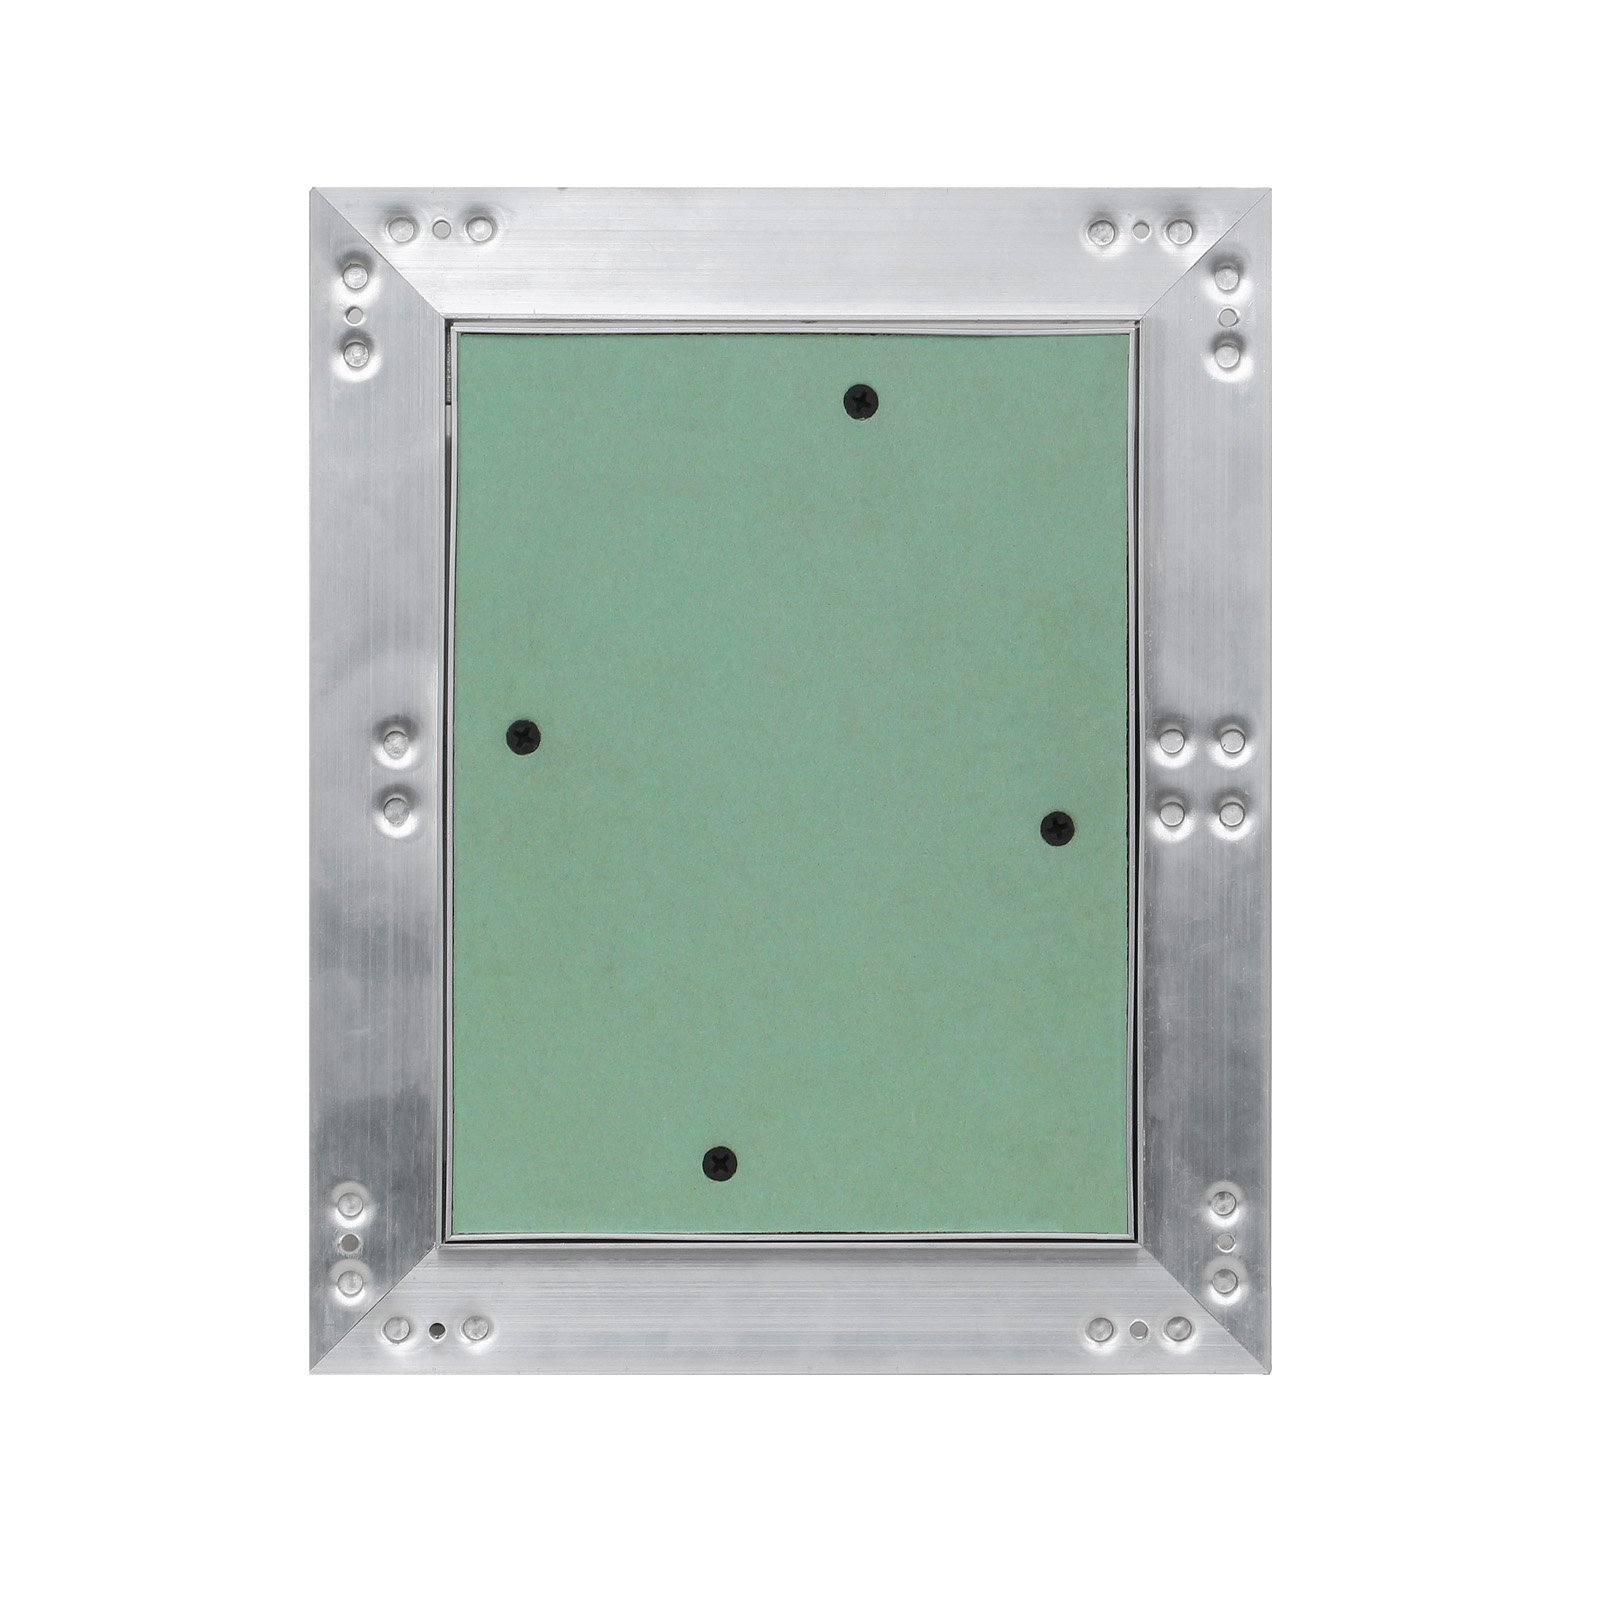 Puerta revisión Trampilla inspección marco aluminio 25x40cm Panel acceso Yeso 12,5 mm Techo Pared: Amazon.es: Oficina y papelería